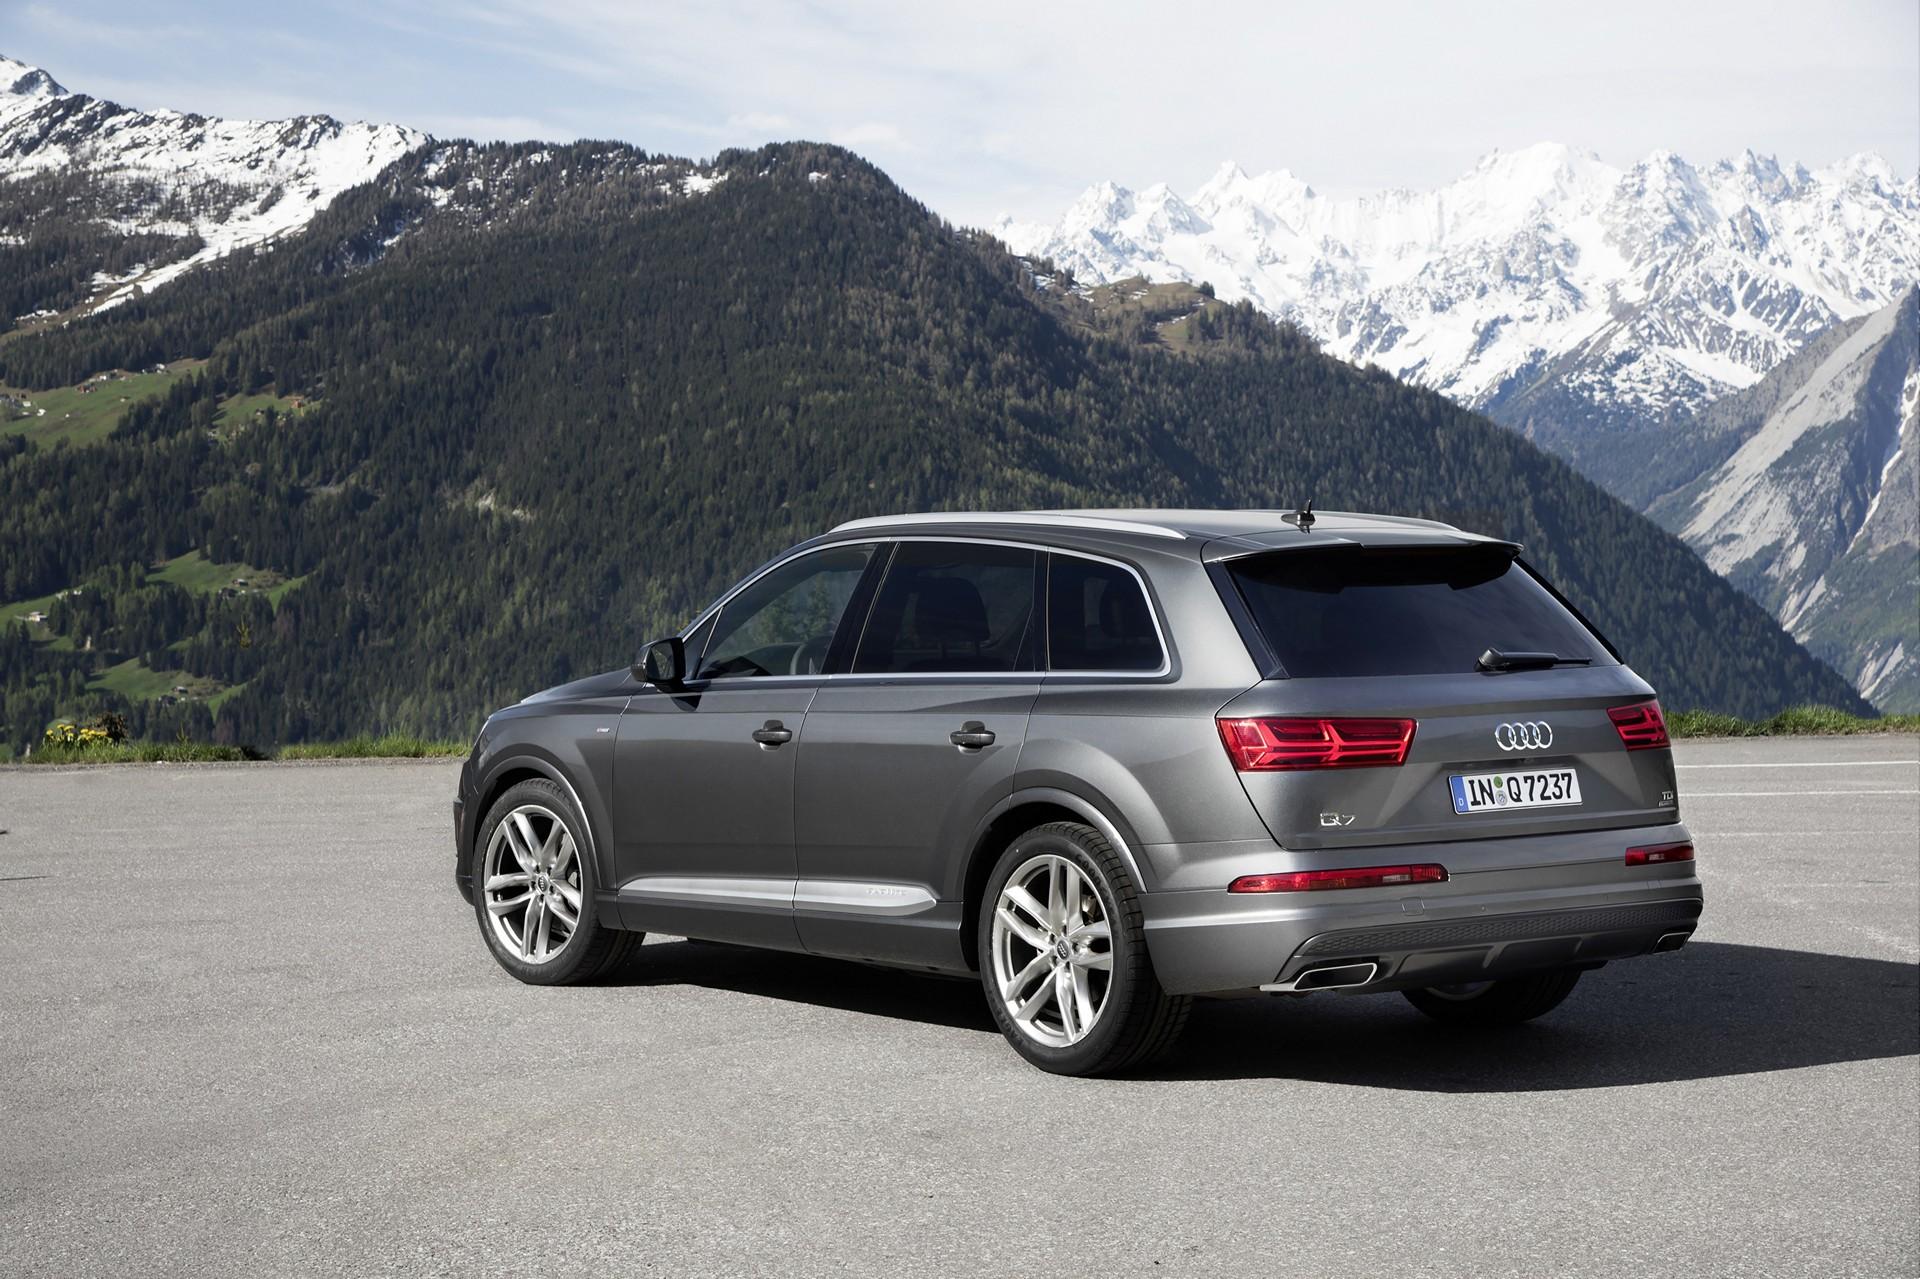 Audi Q7 169 Volkswagen Ag Carrrs Auto Portal